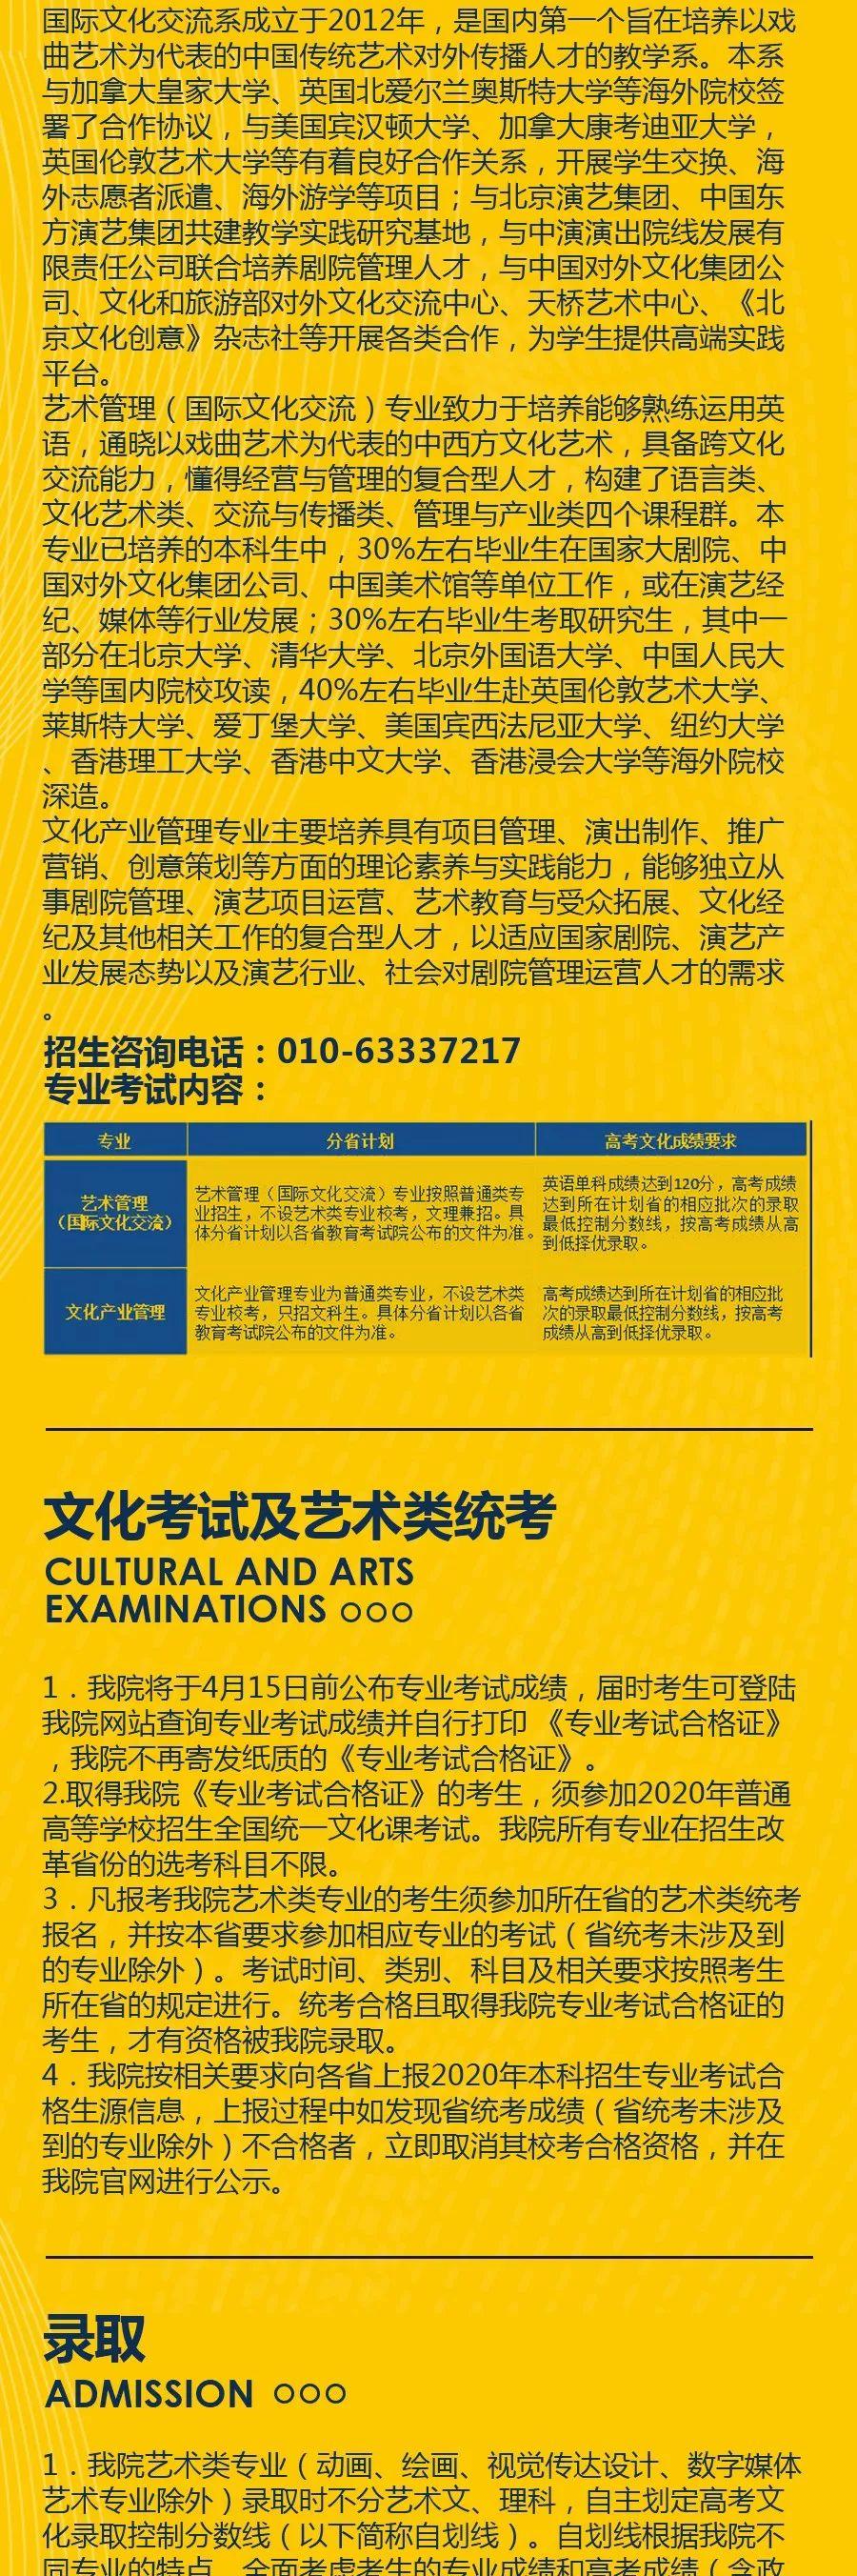 中国传媒大学,北京电影学院,中央戏剧学院,北京巅峰广艺画室       69